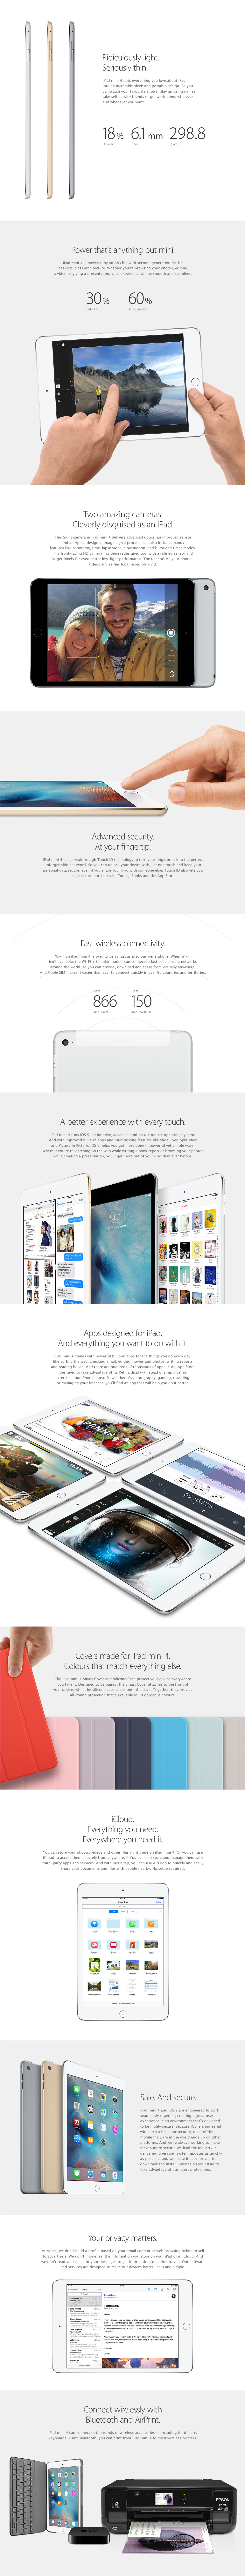 ipad mini 4 features